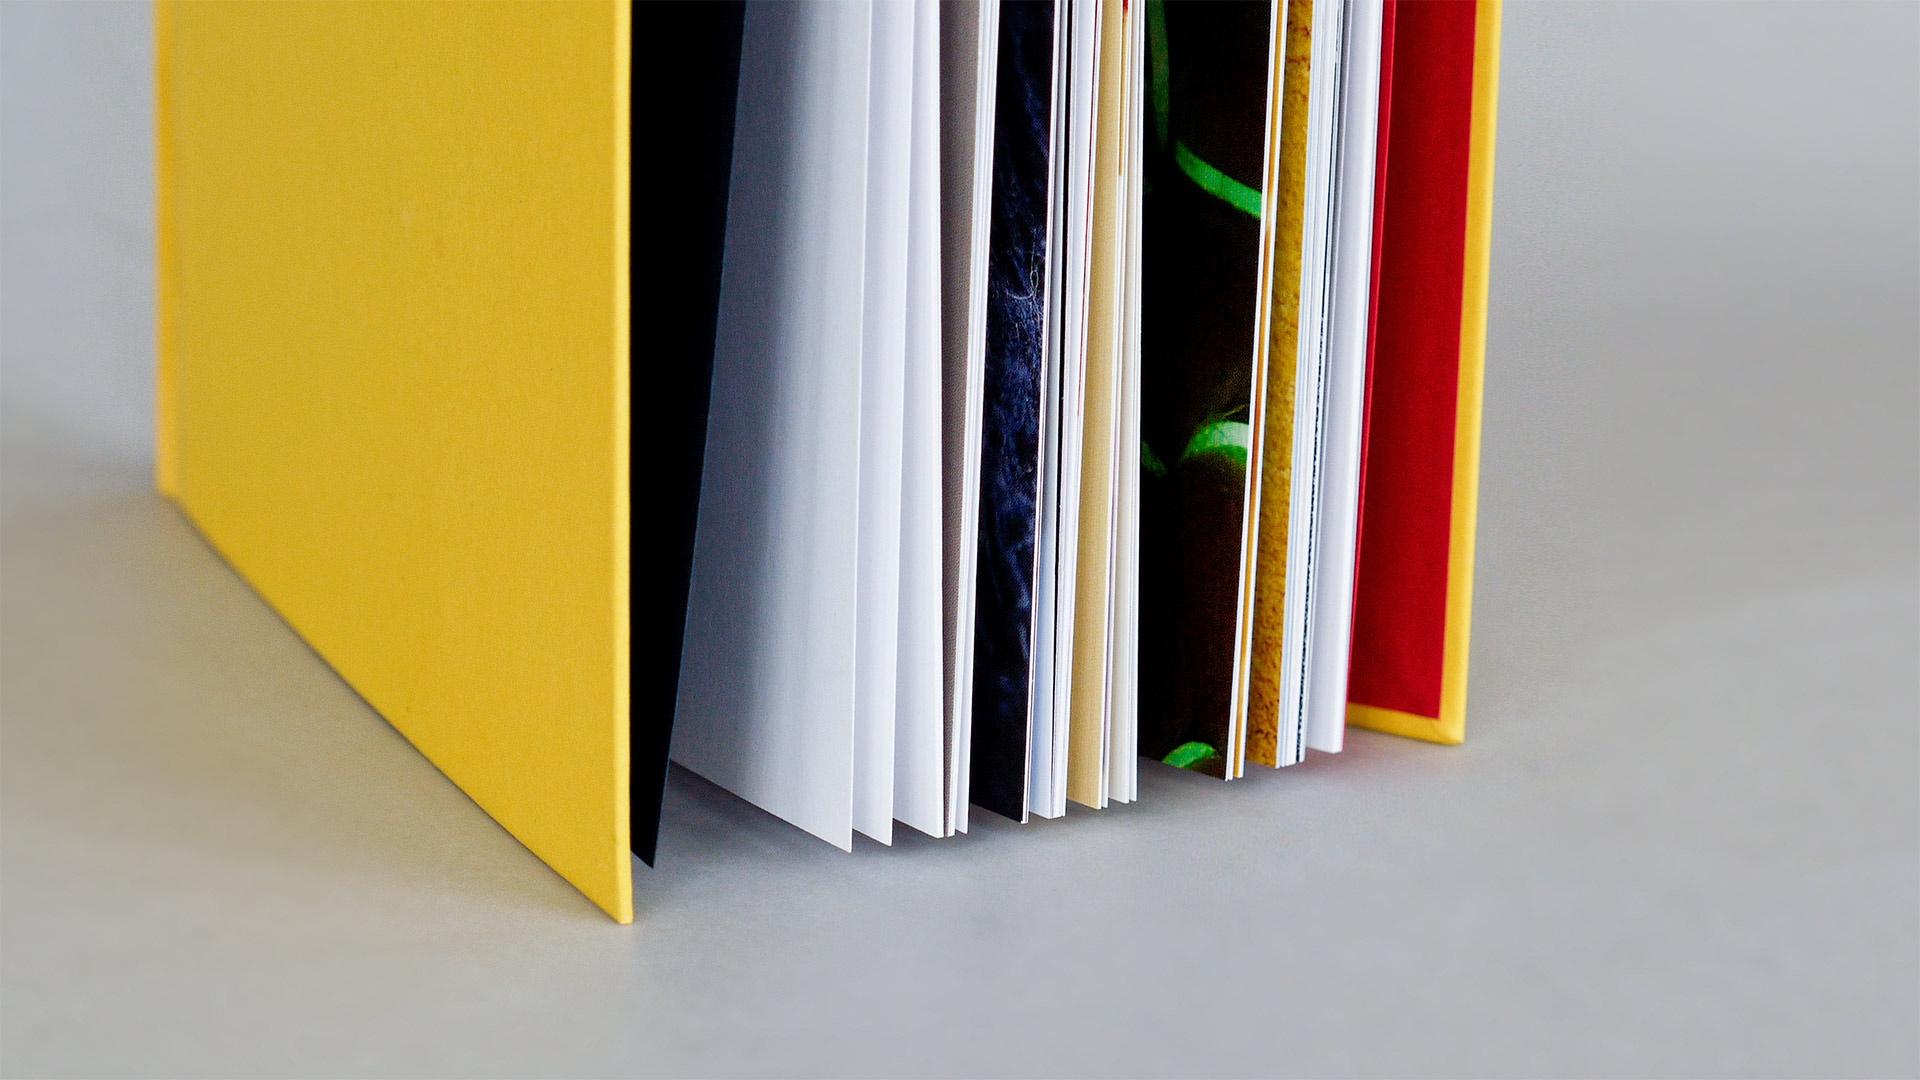 thomasdruck-farbstreifen__1140425 Thomas Verlag und Druckerei GmbH - Referenzen- Farbstreifen